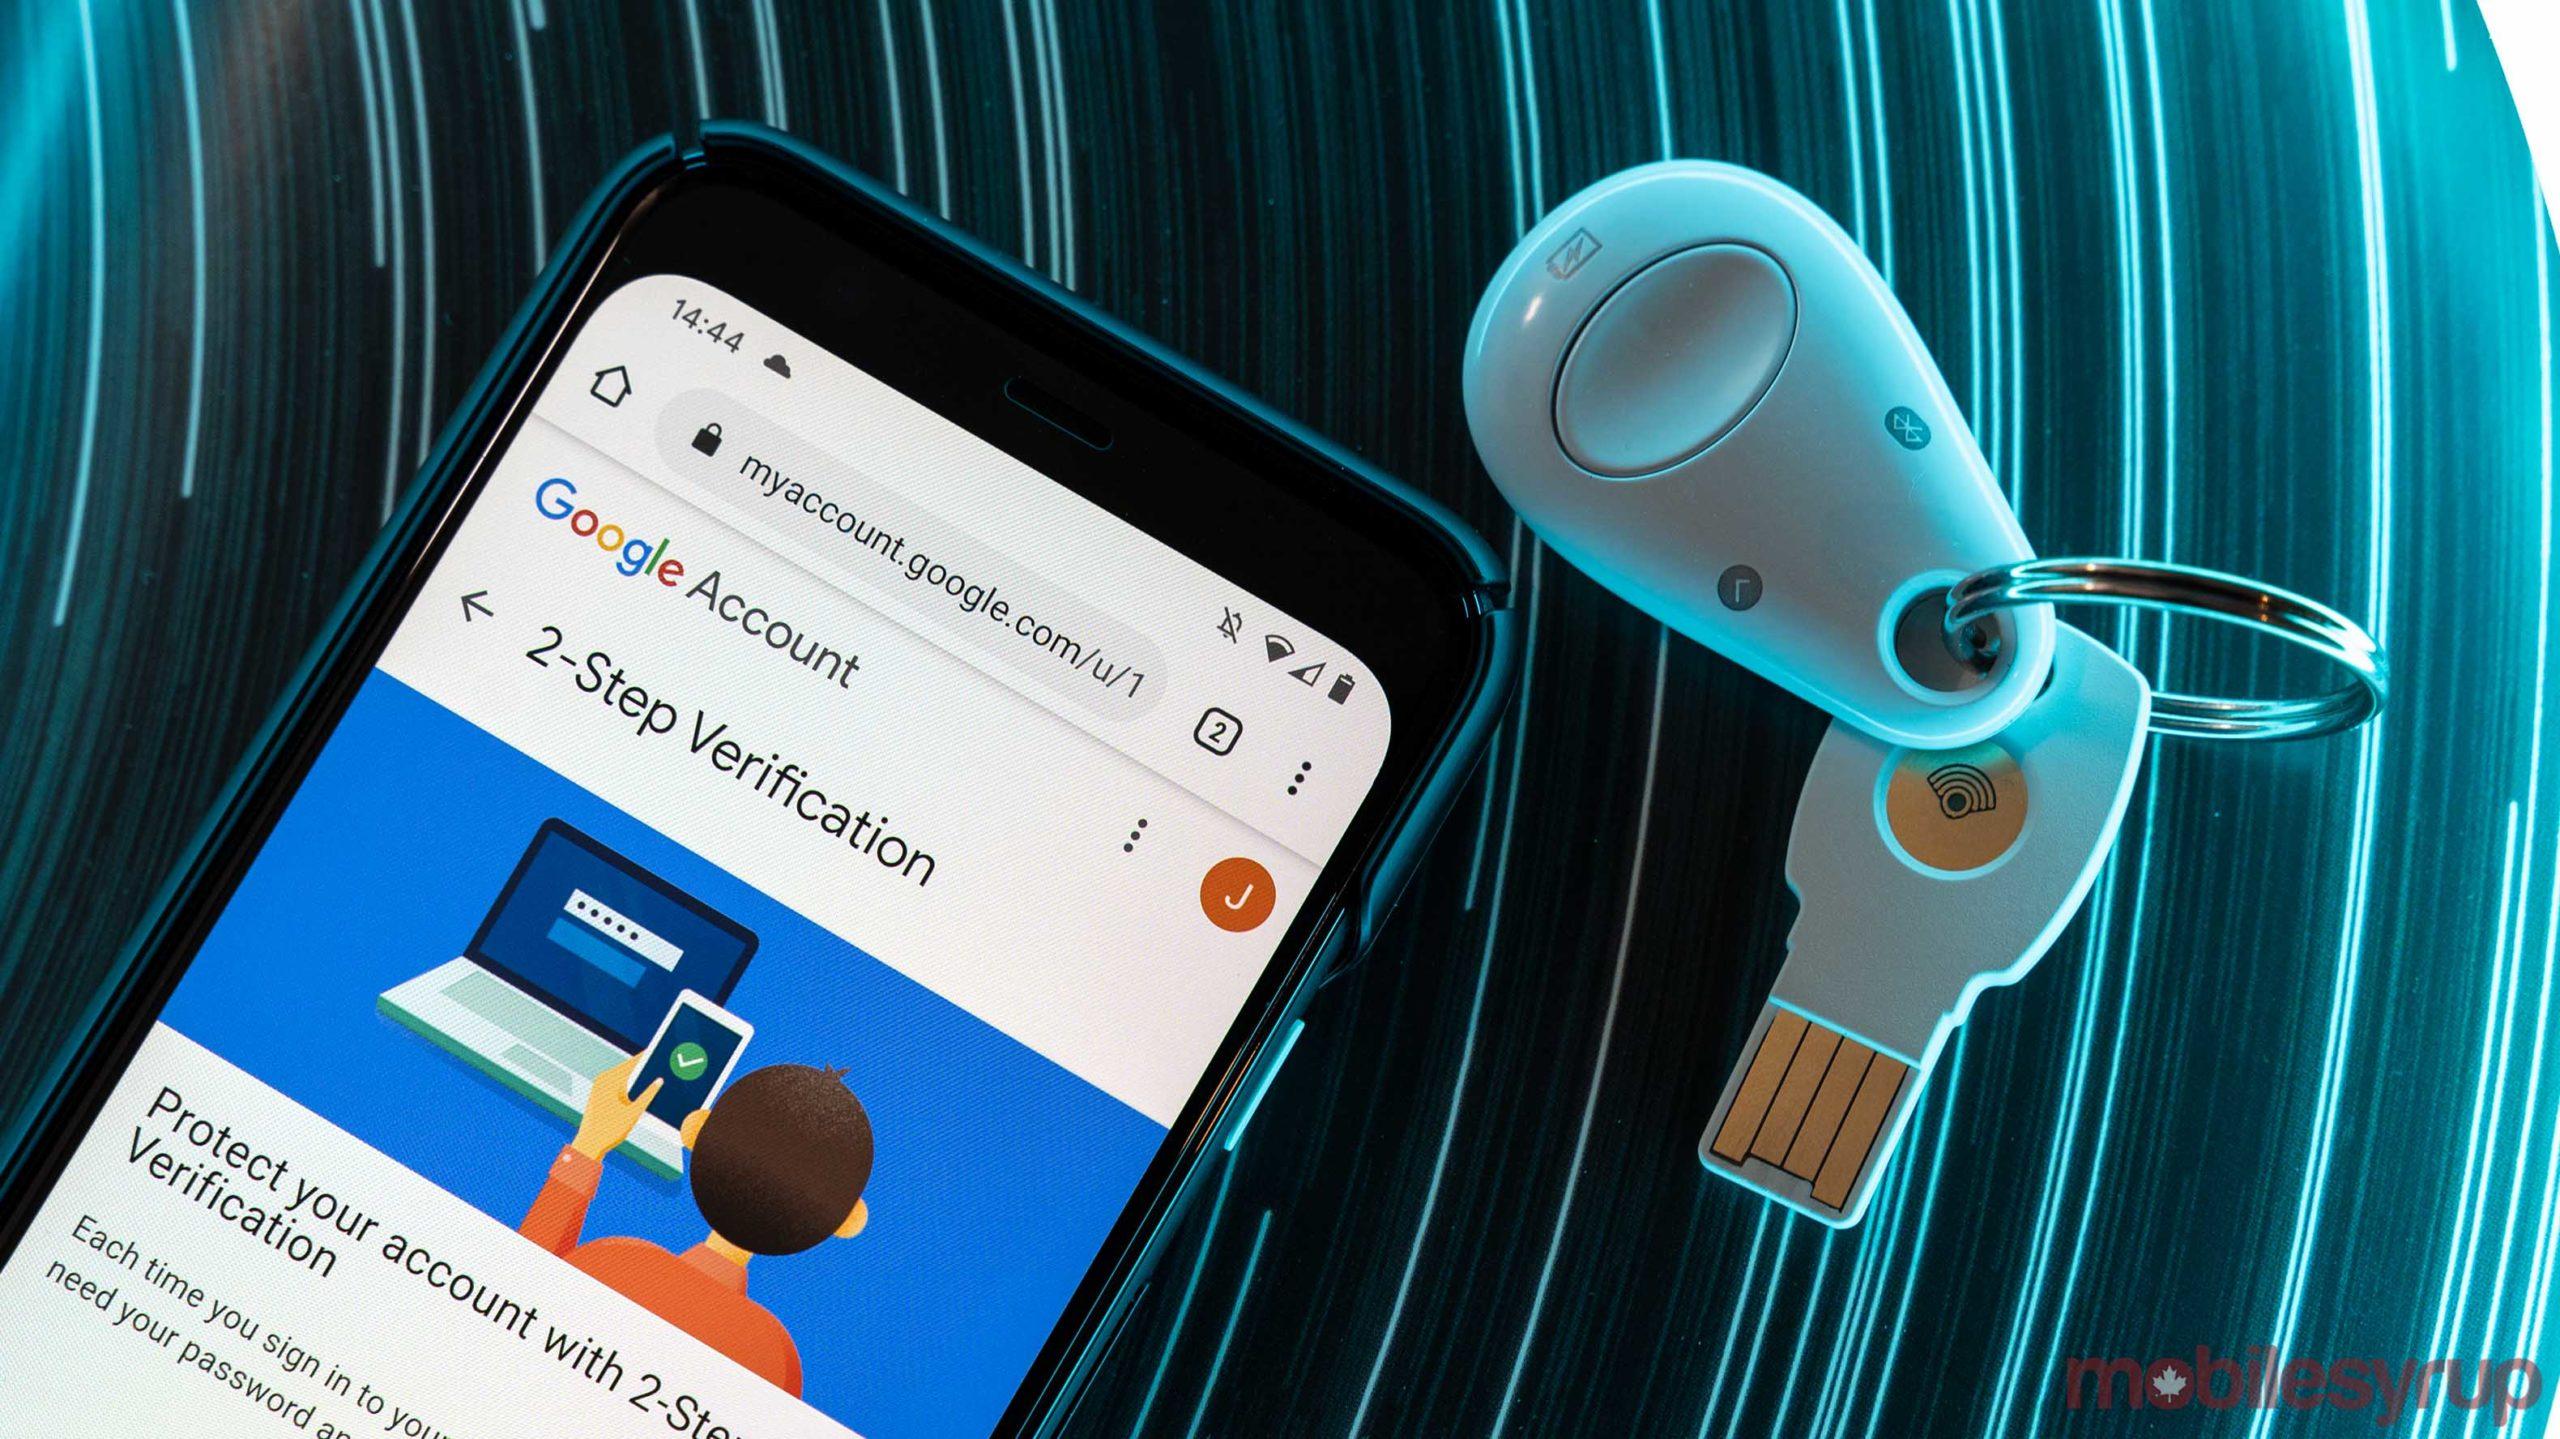 Pixel 4 and Google Titan security key